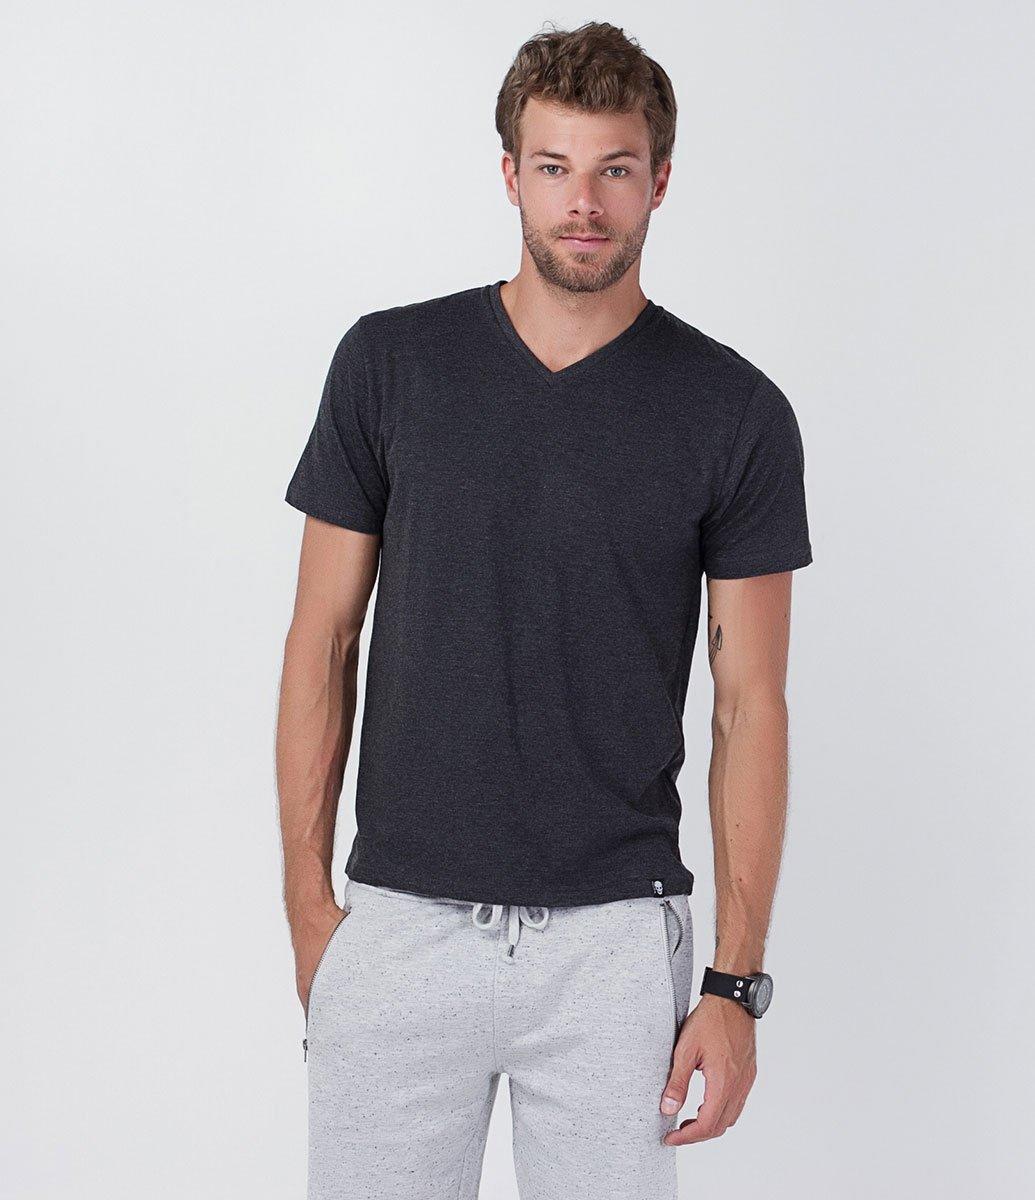 6fd145009b ... Camiseta Básica com Gola V. Brinde